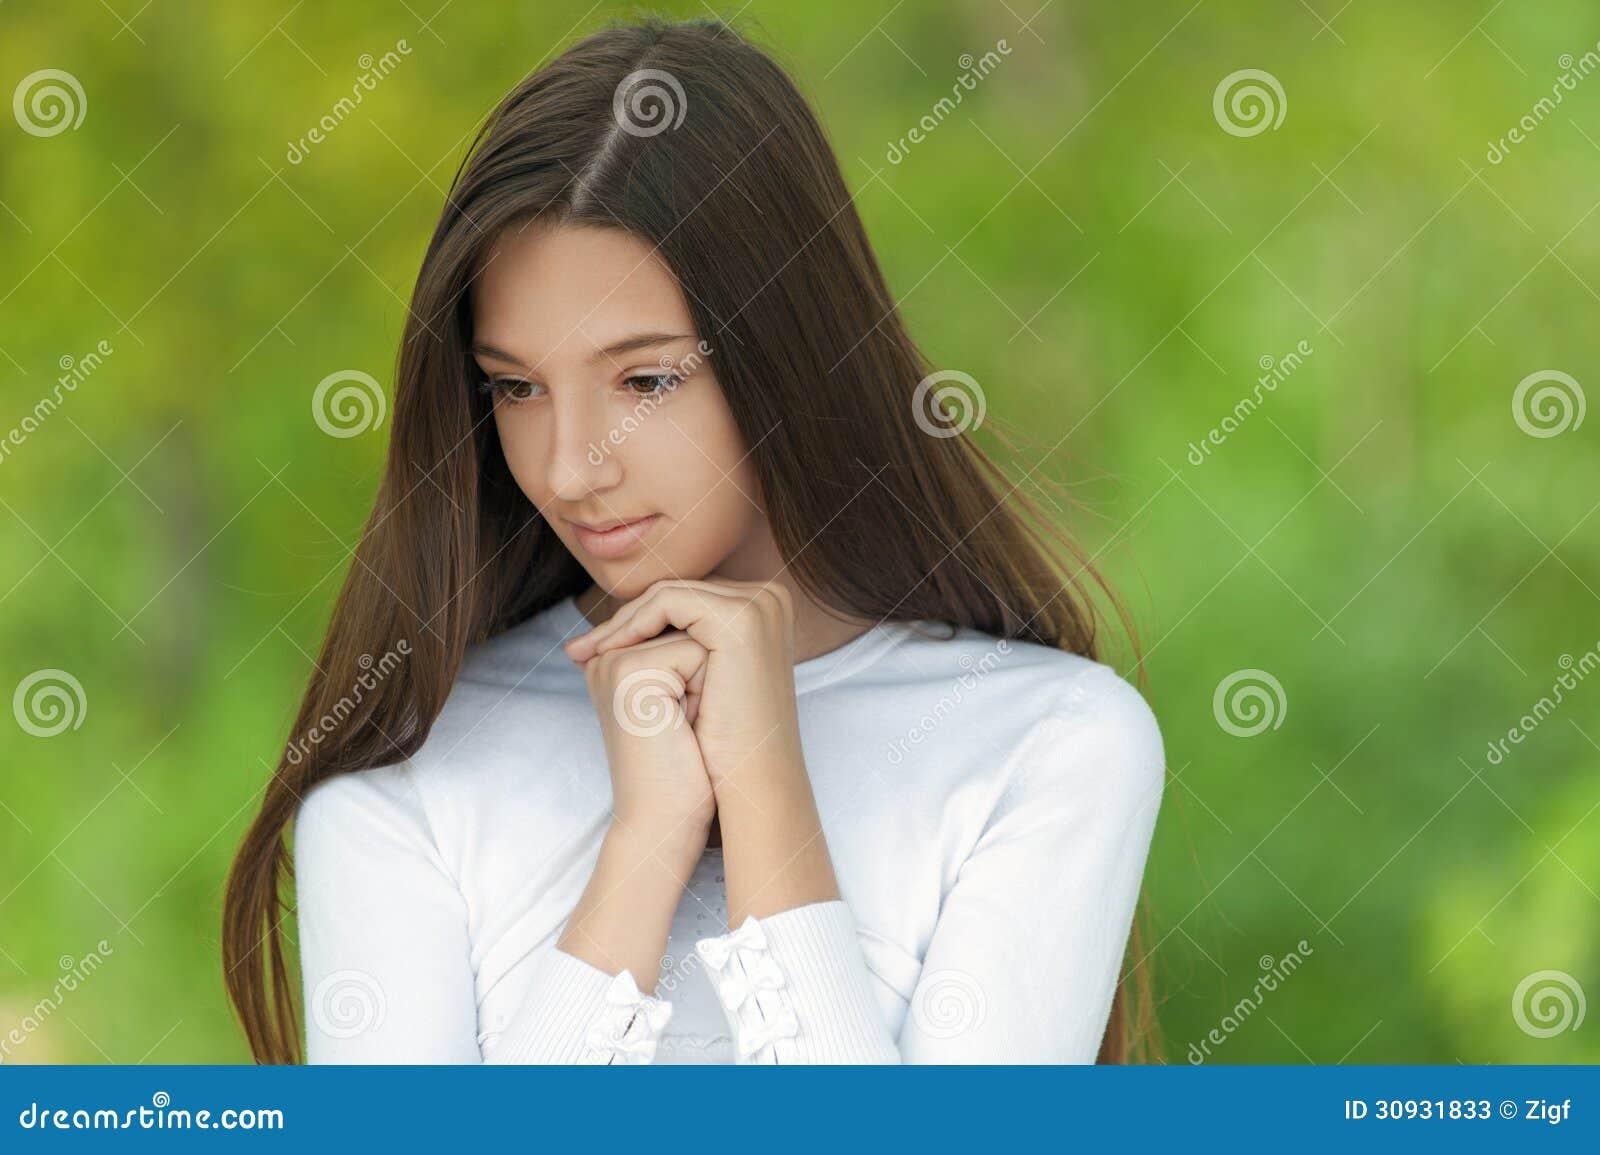 Симпатичная девочка подросток фото 5 фотография